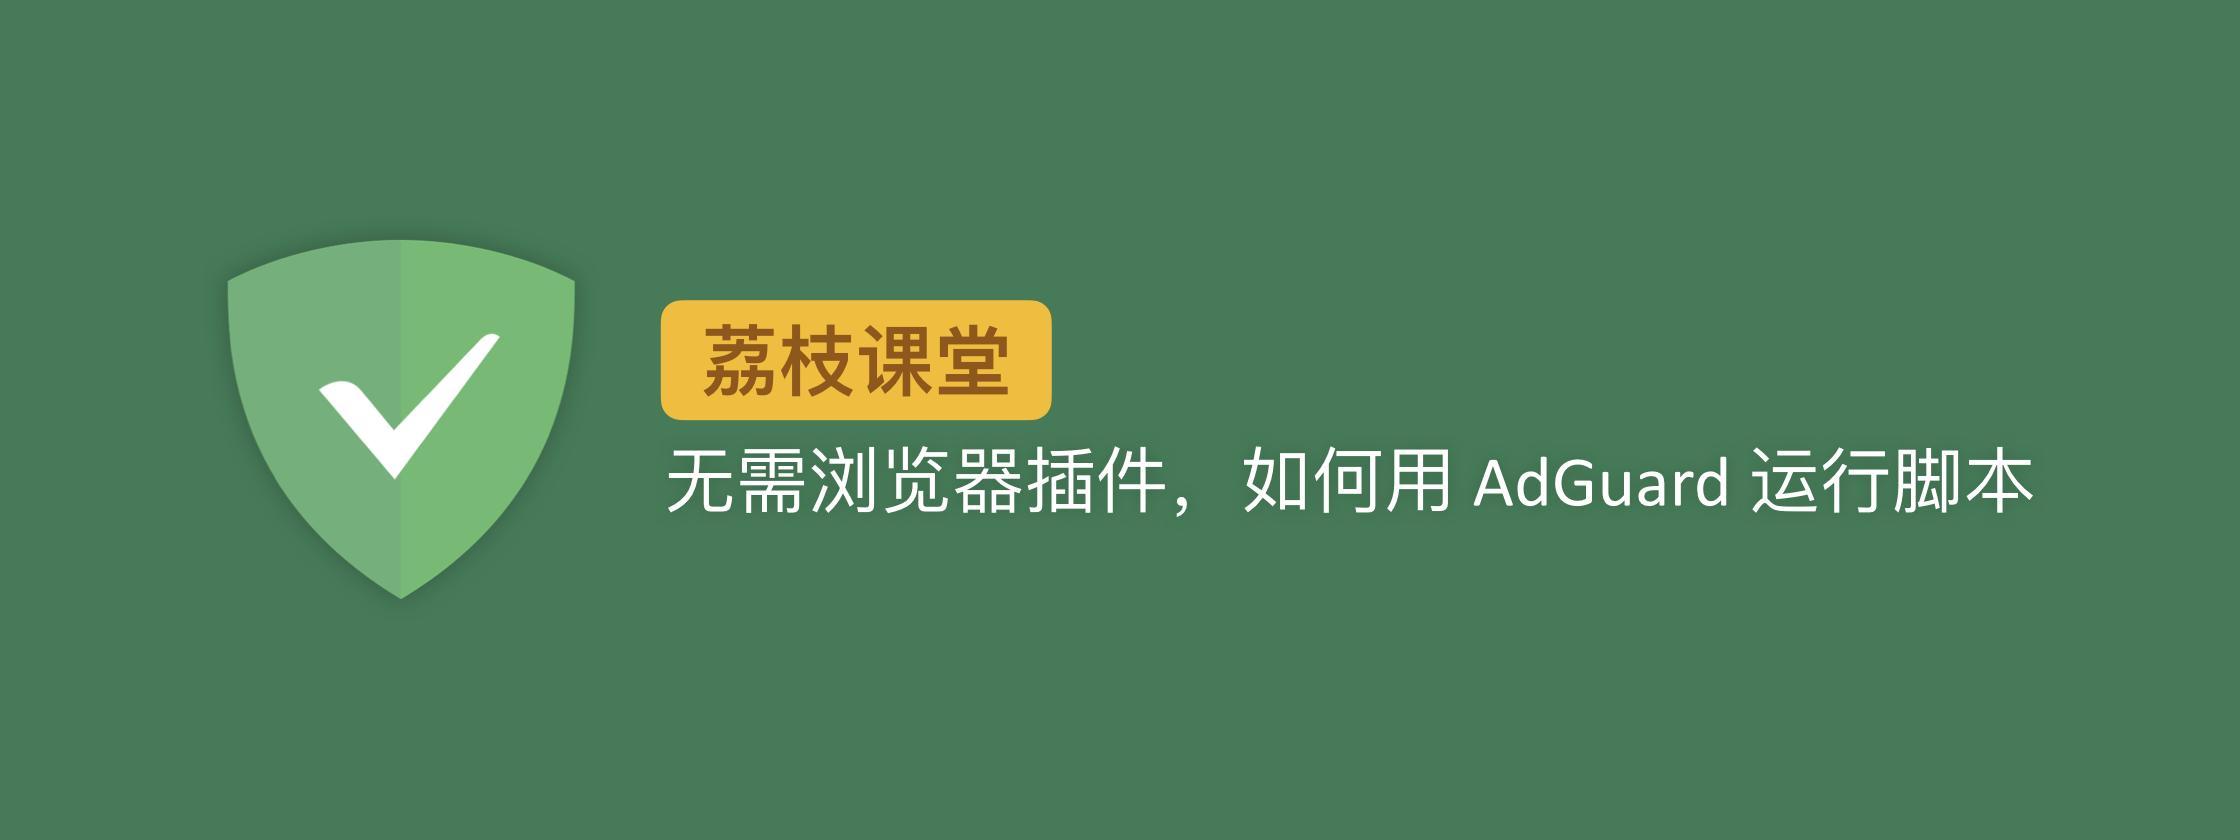 荔枝课堂 | 无需浏览器插件,如何用 AdGuard 运行脚本